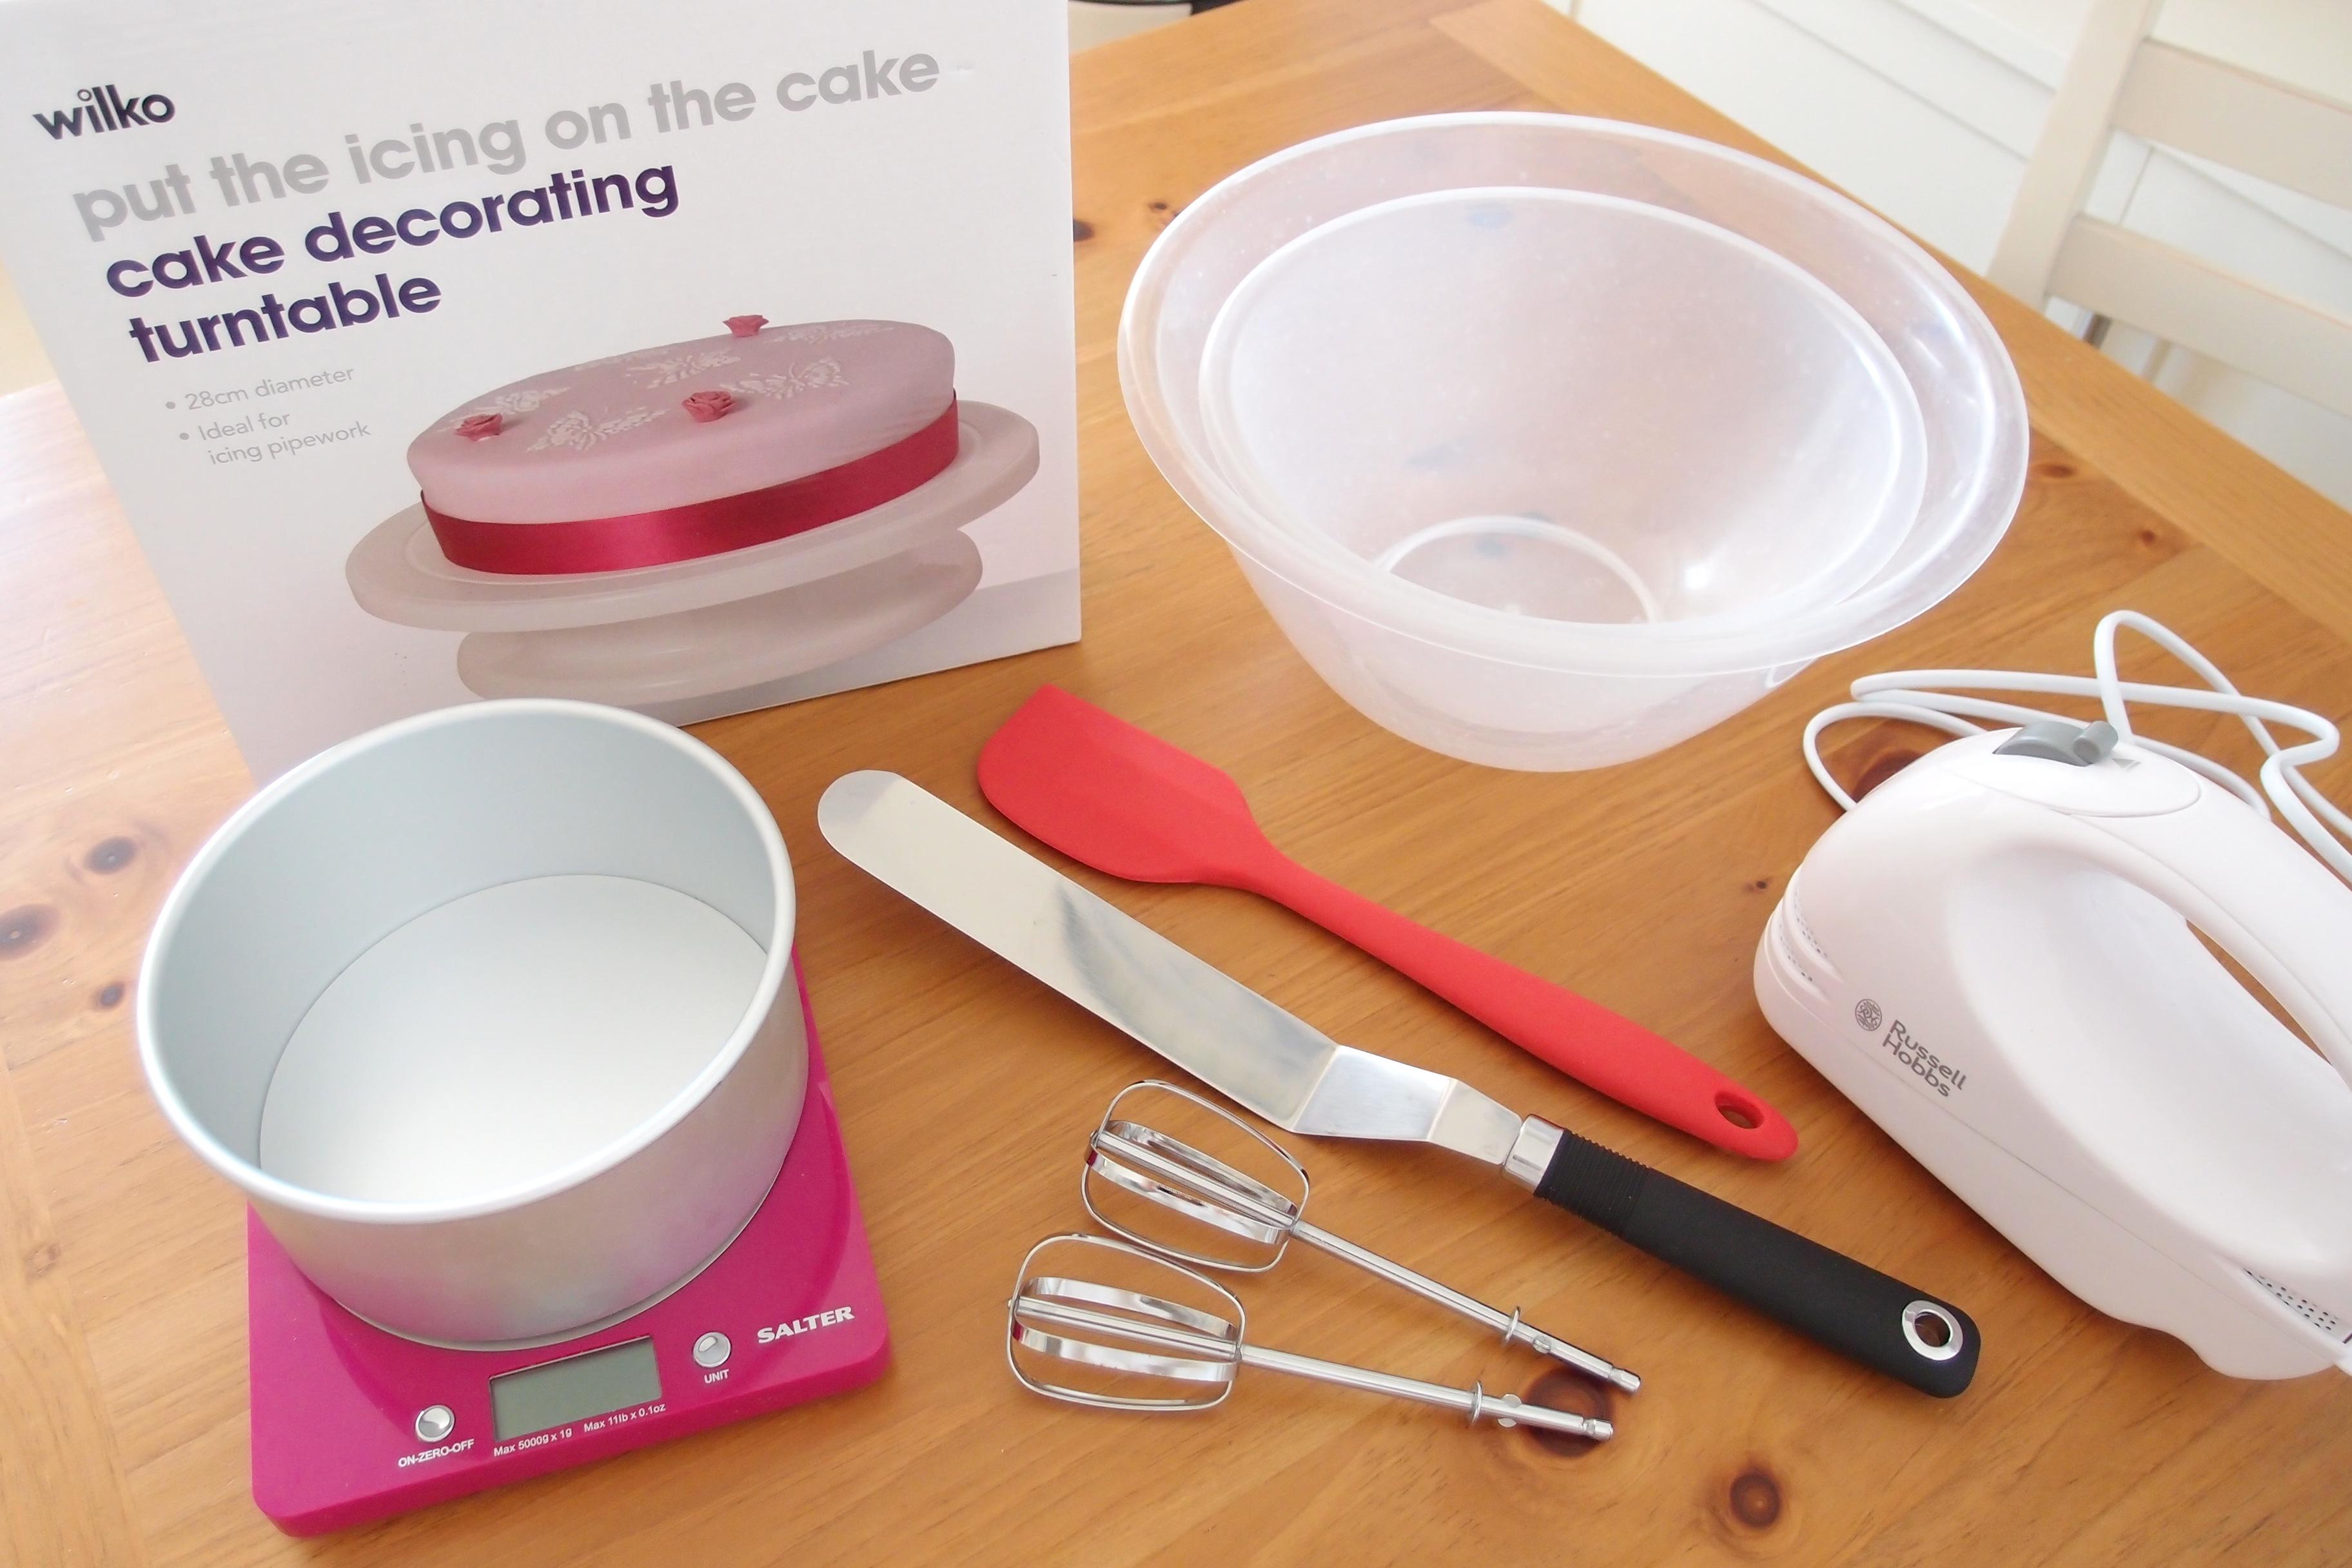 ジェノワーズ(スポンジケーキ)作りに必要な道具を、イギリスで探す